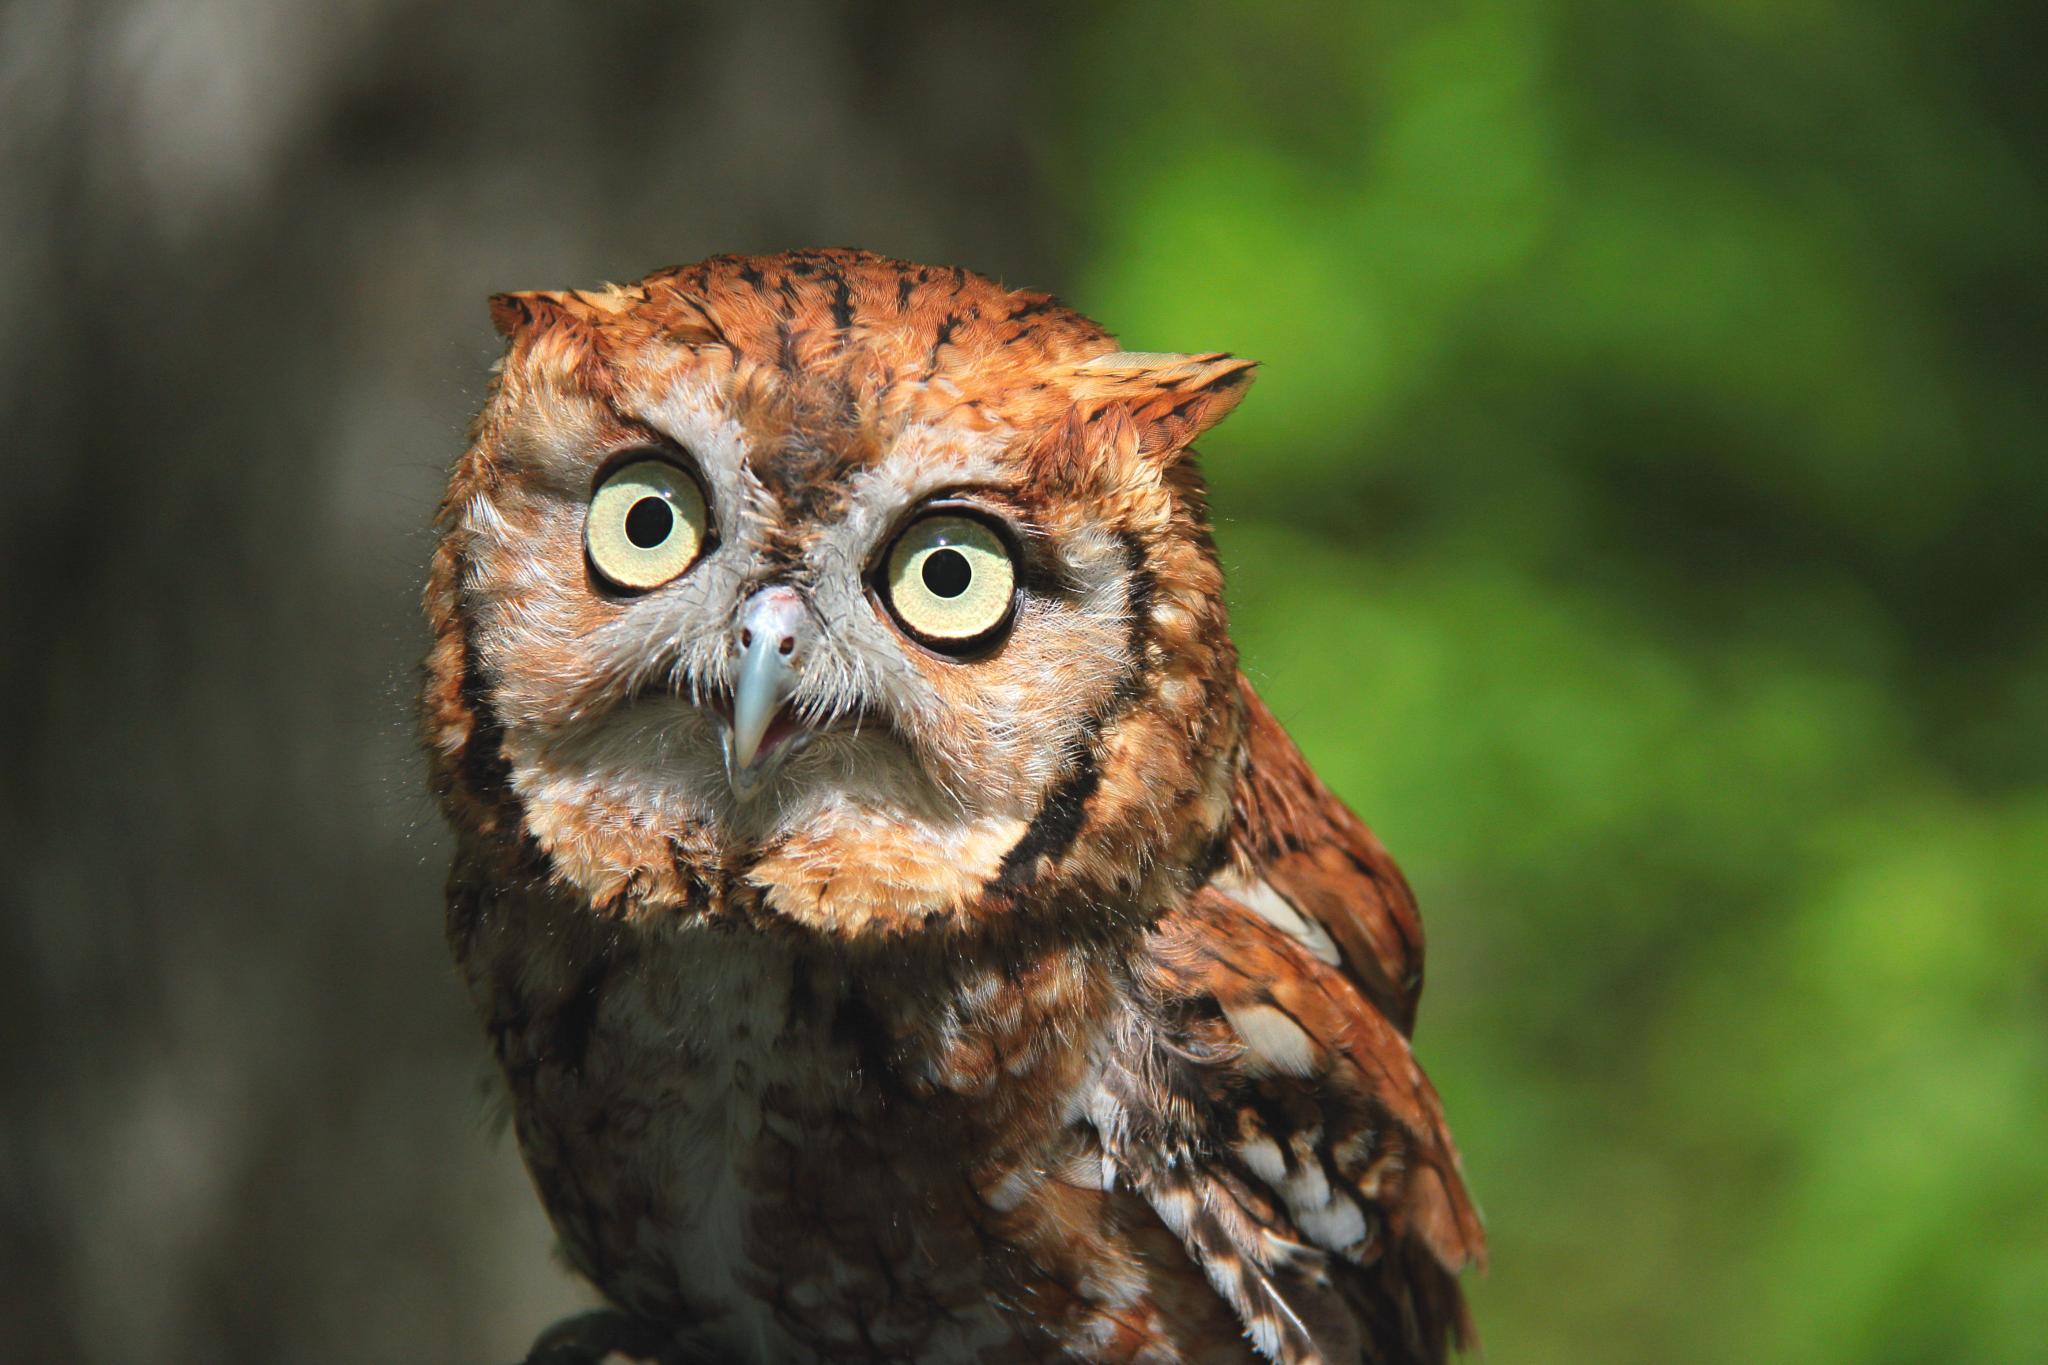 Eastern Screech-Owl by itreyger